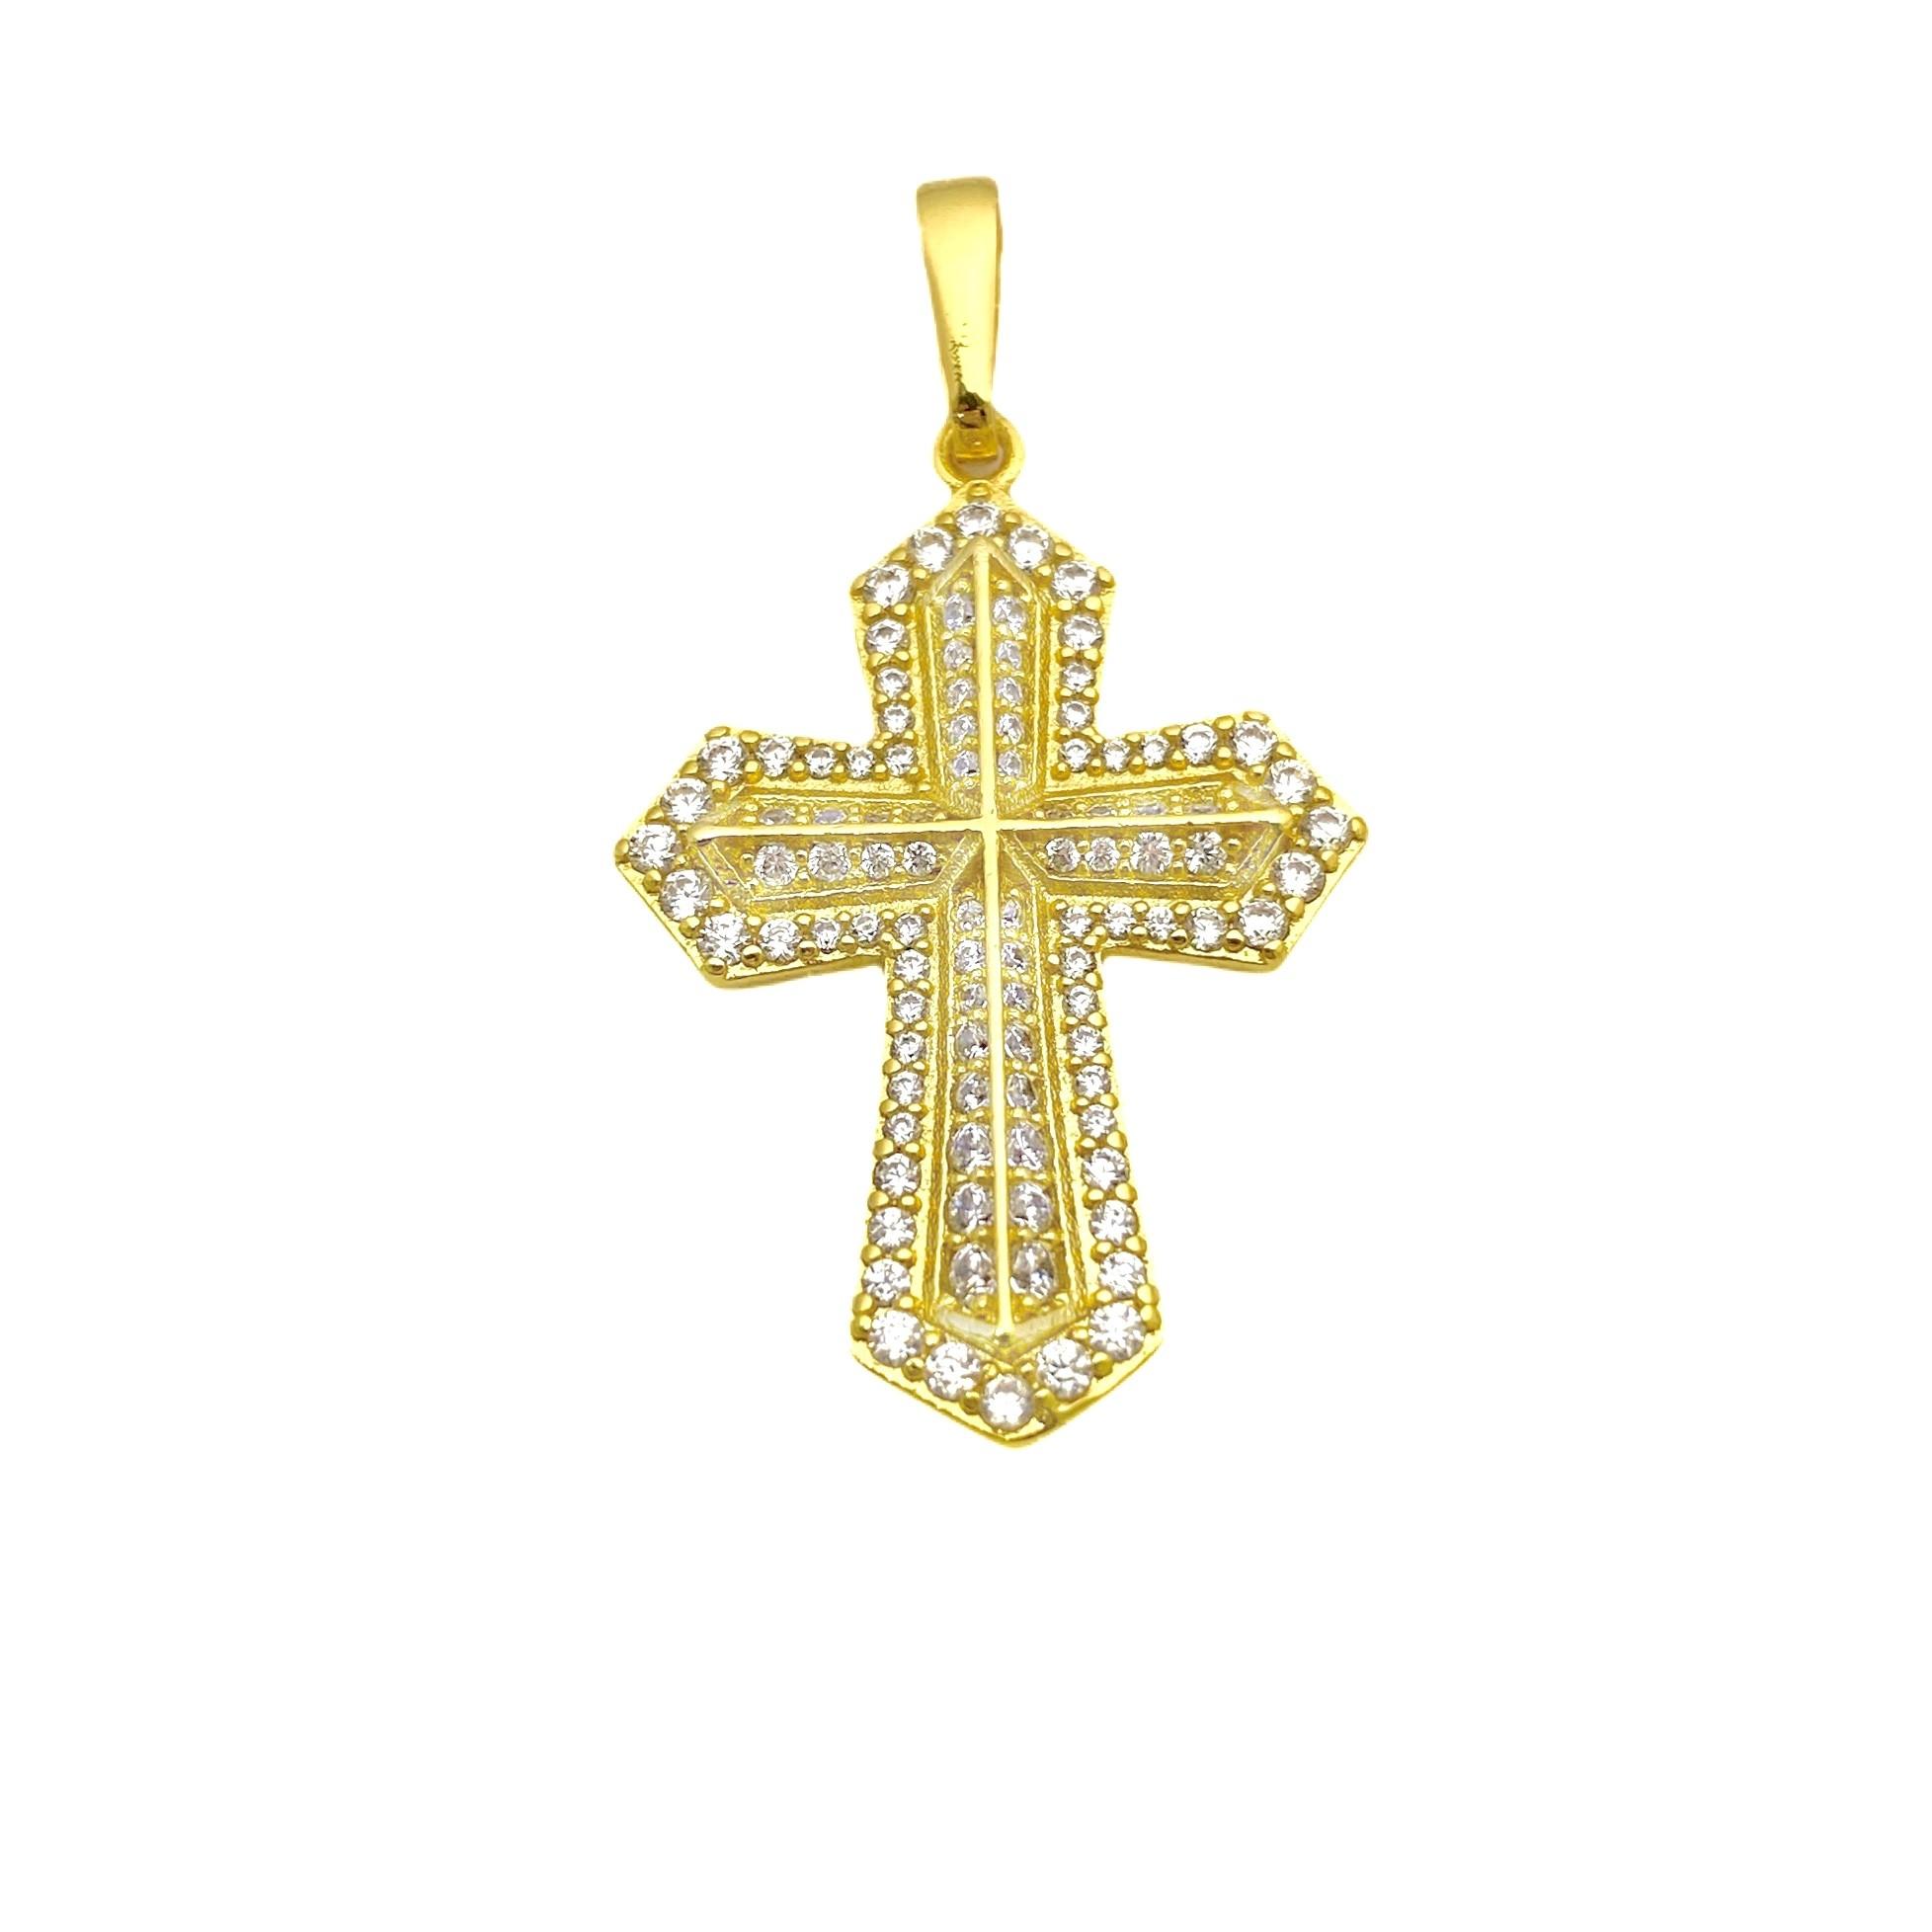 Pingente Crucifixo Cravejado em Zircônia 3,1cm X 2,1cm